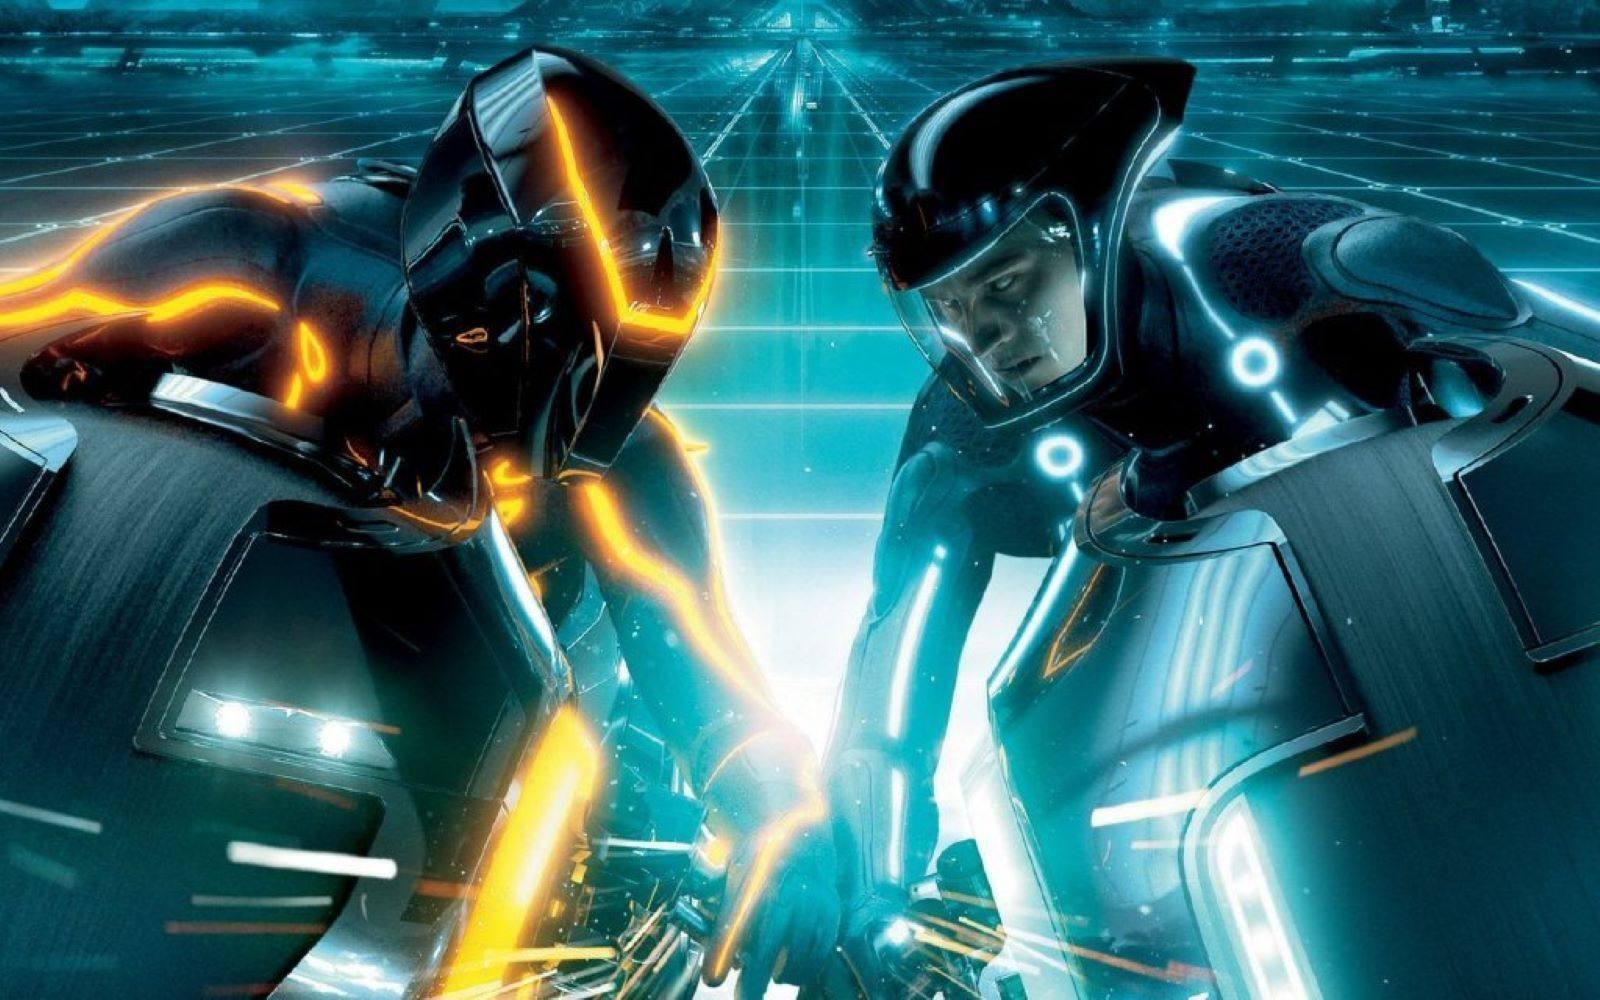 《TRON》系列第三部电影已确认导演,杰瑞德·莱托将加盟主演